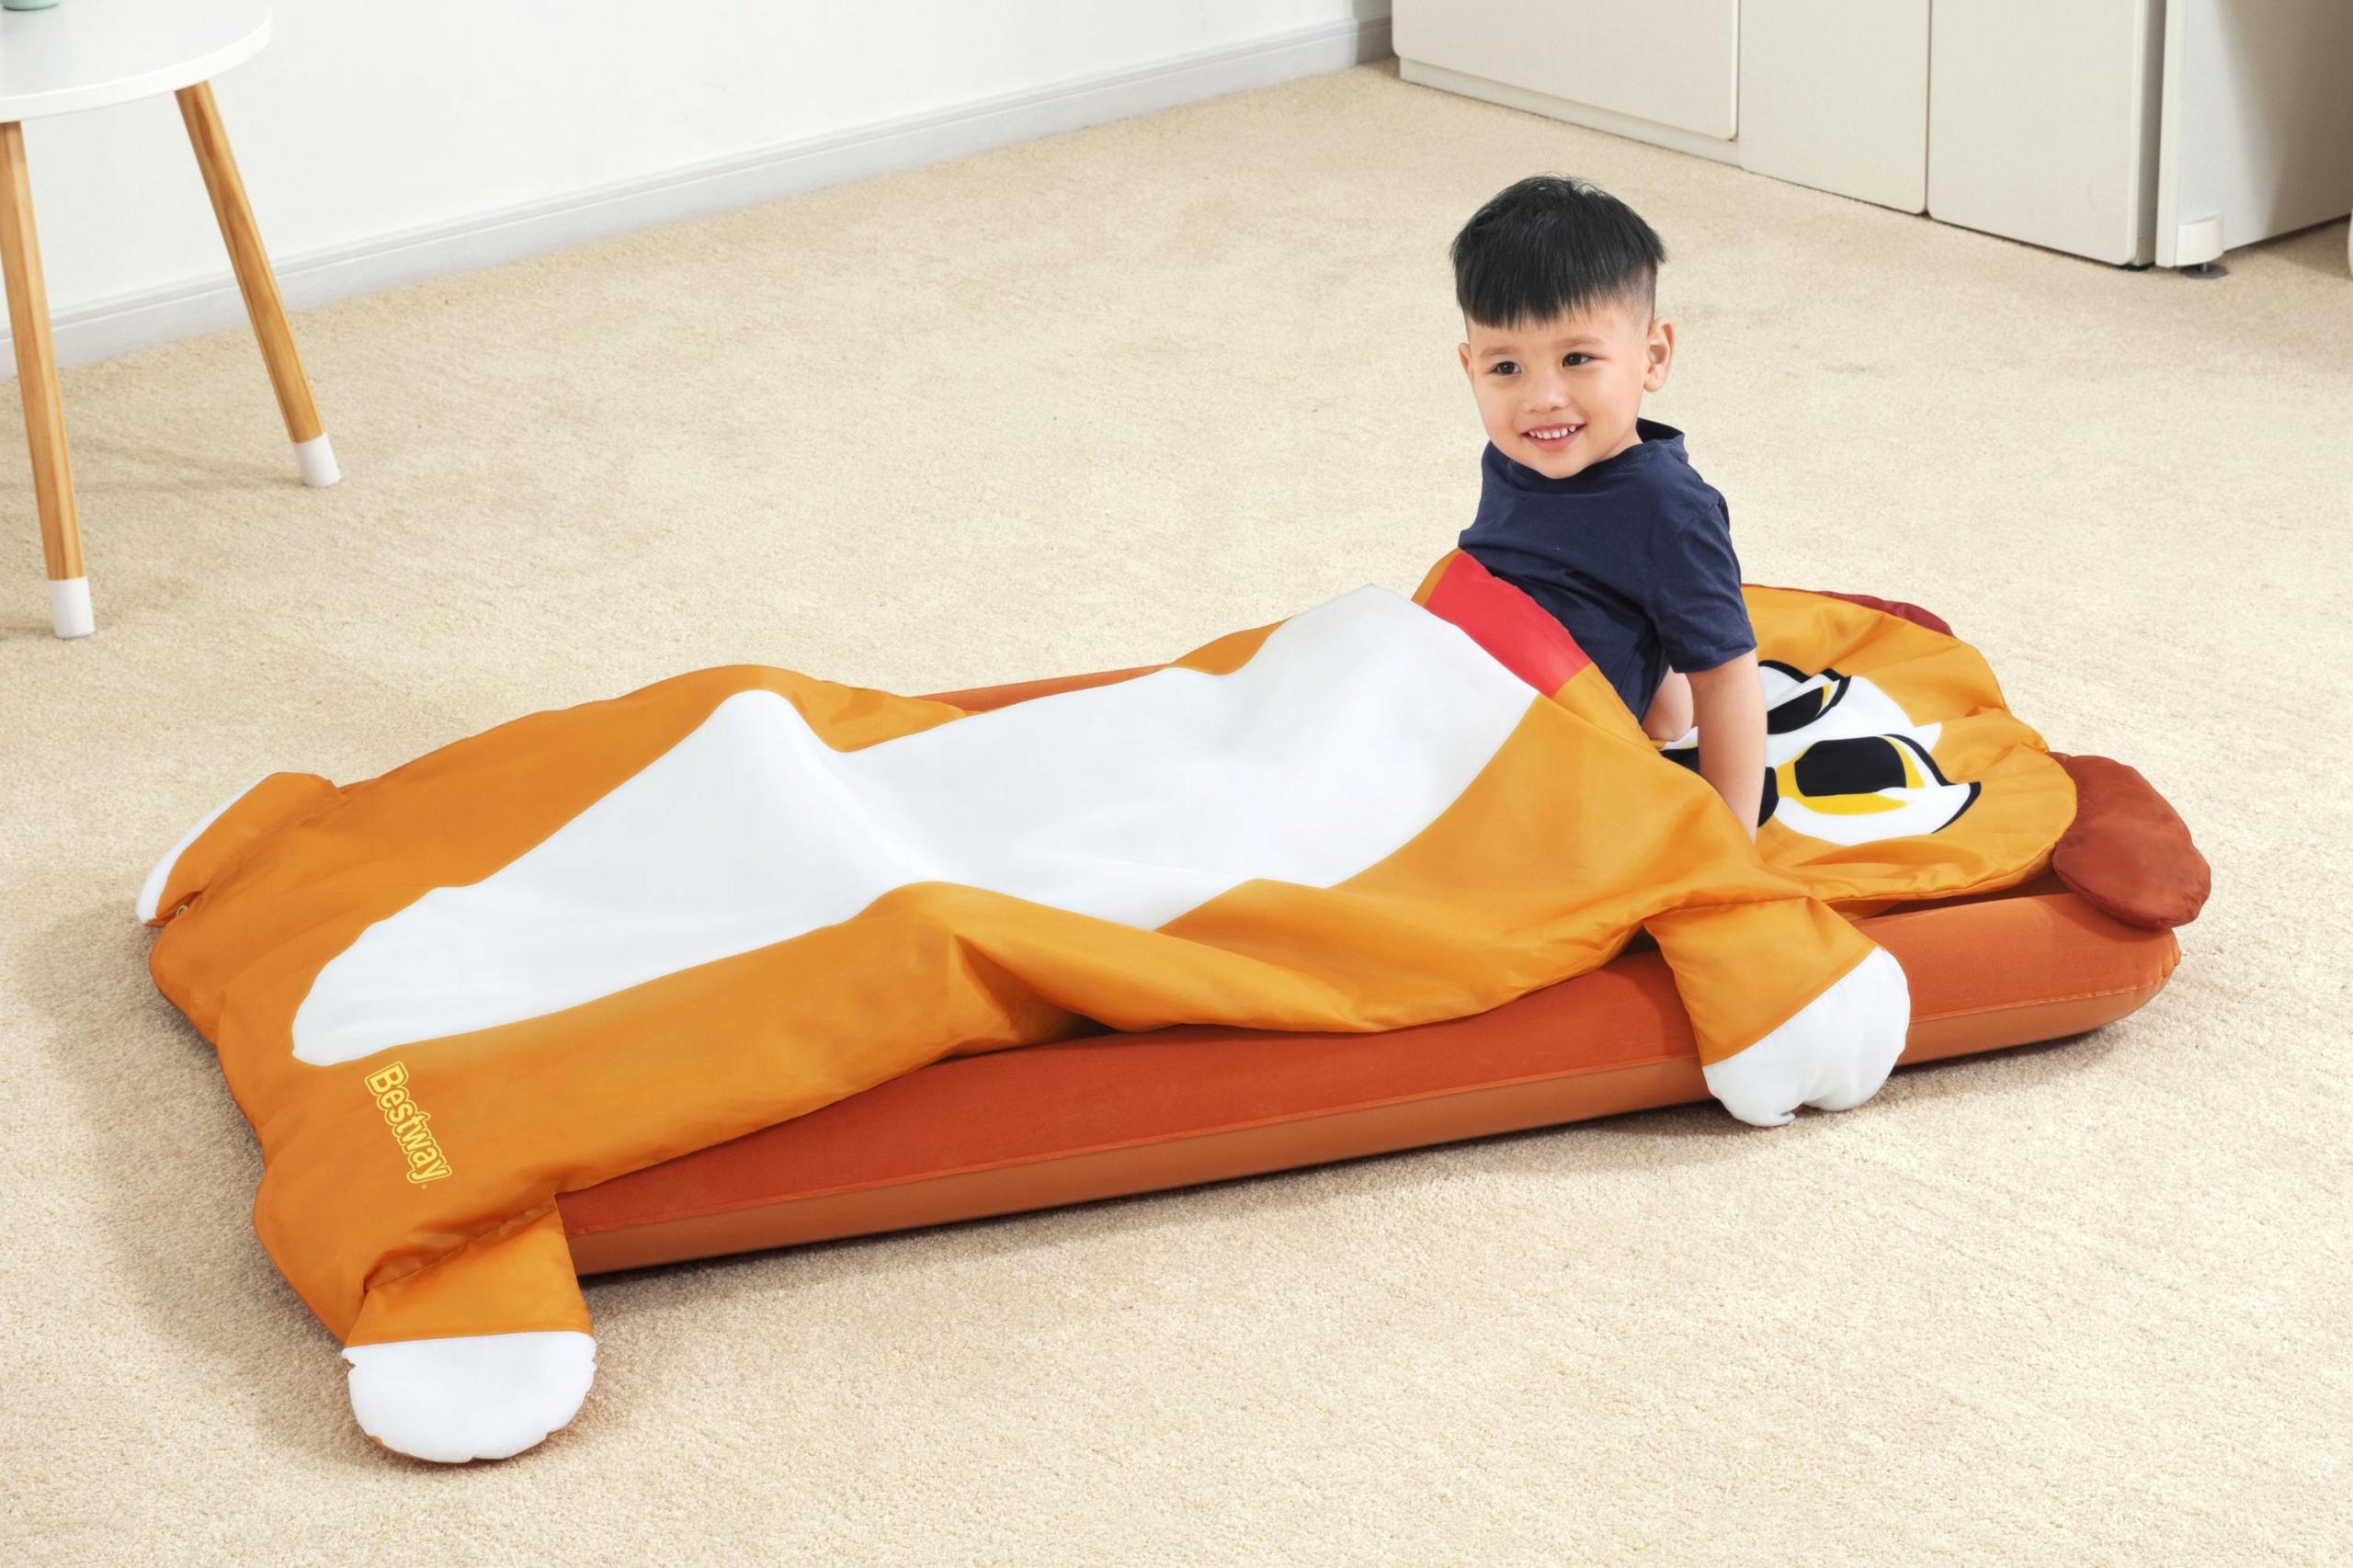 MATERAC DMUCHANY +ŚPIWÓR dla dzieci PIESEK BESTWAY Długość 158 cm